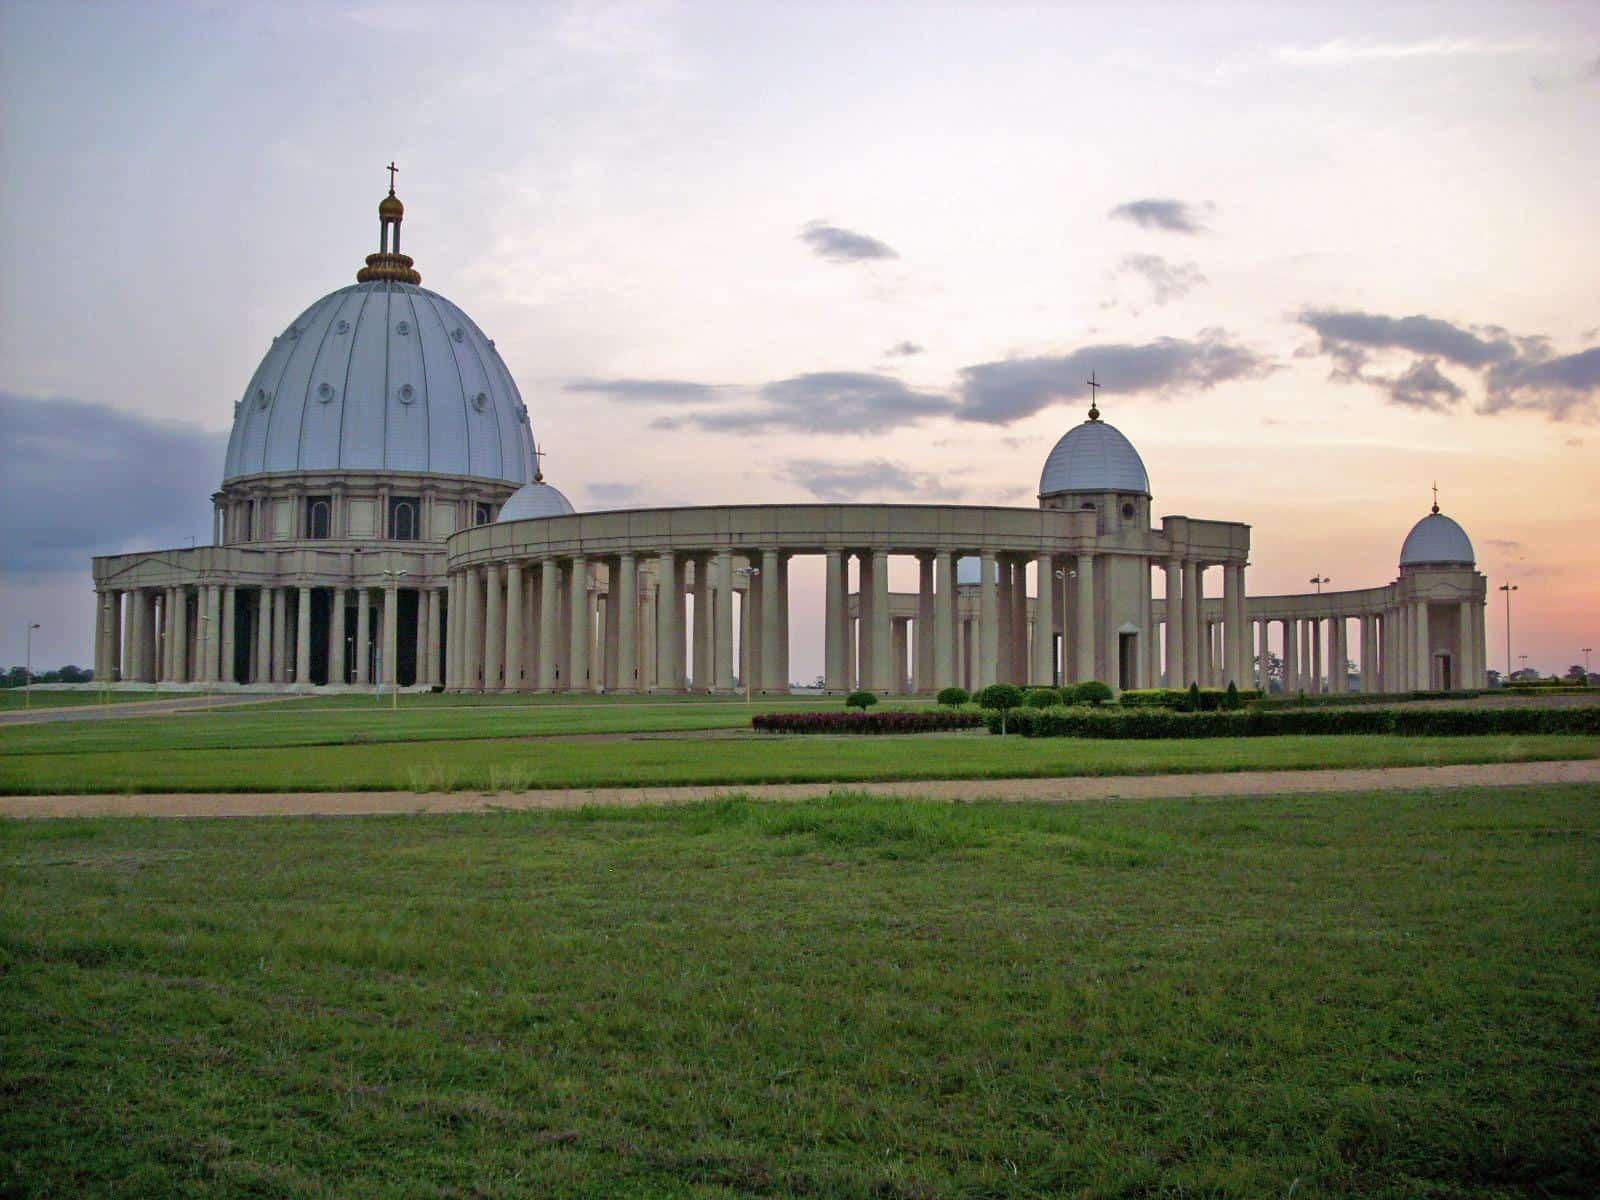 yamoussoukro ivory coast basilica of our lady of peace sunset